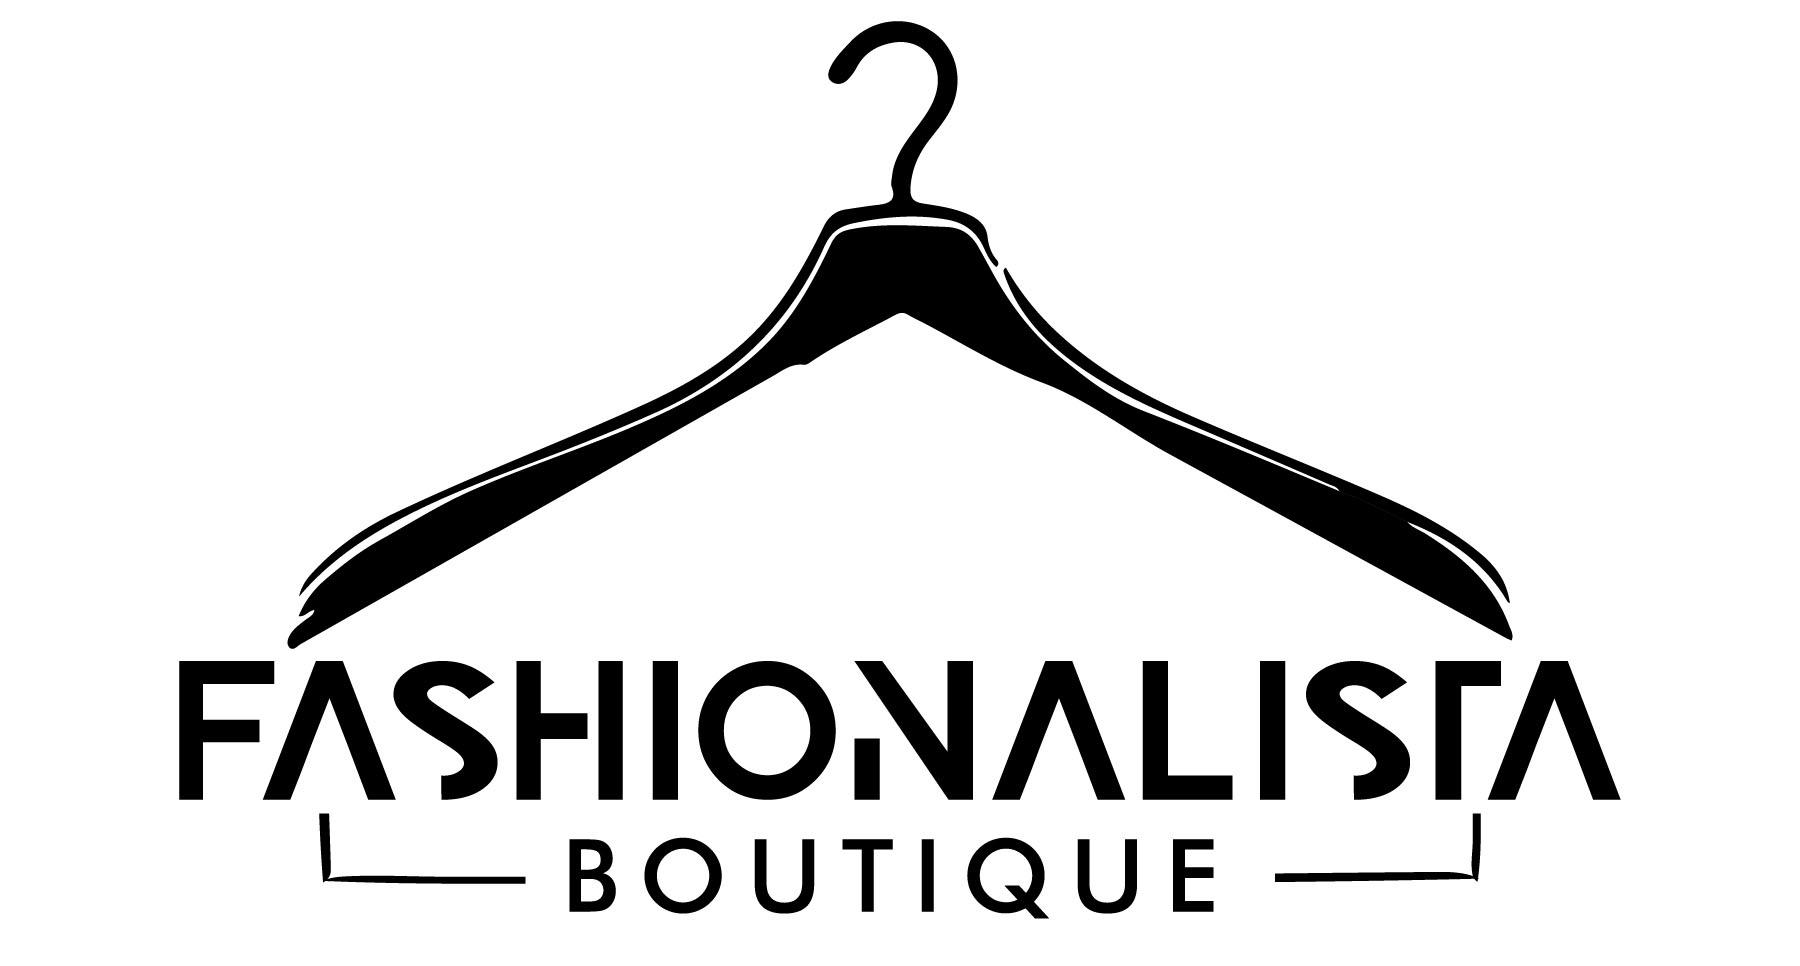 Fashionalista Boutique